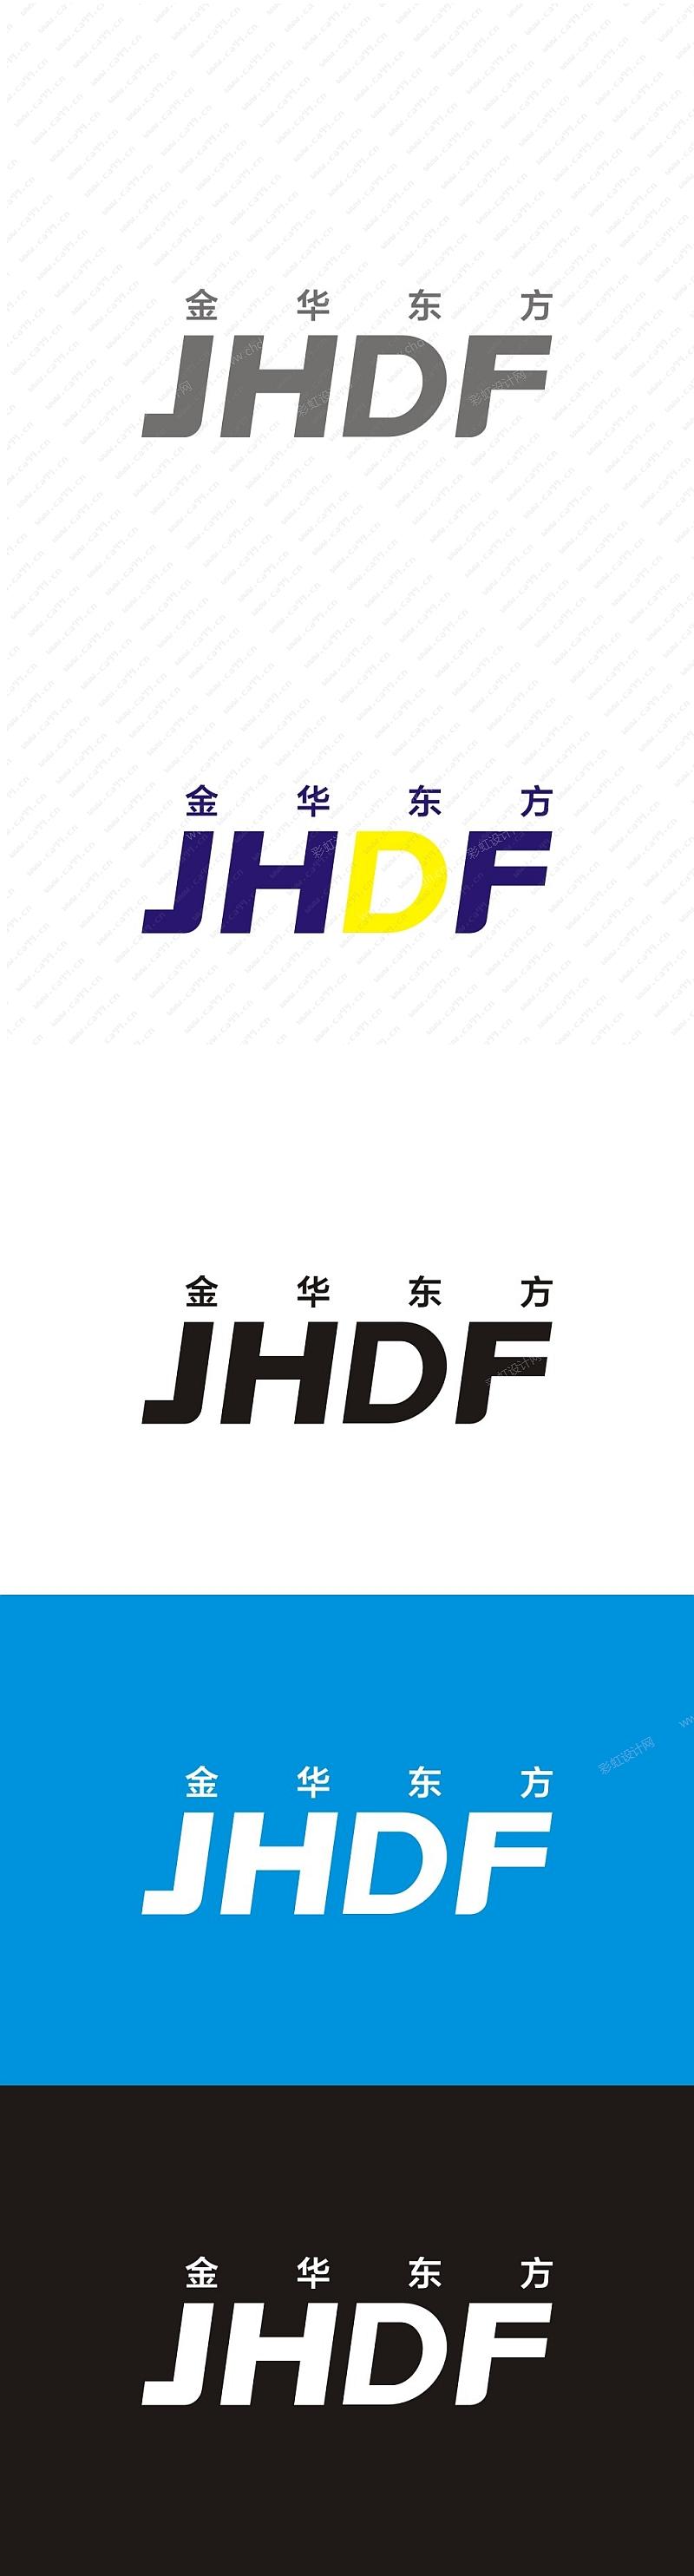 金华东方logo-设计案例_彩虹设计网